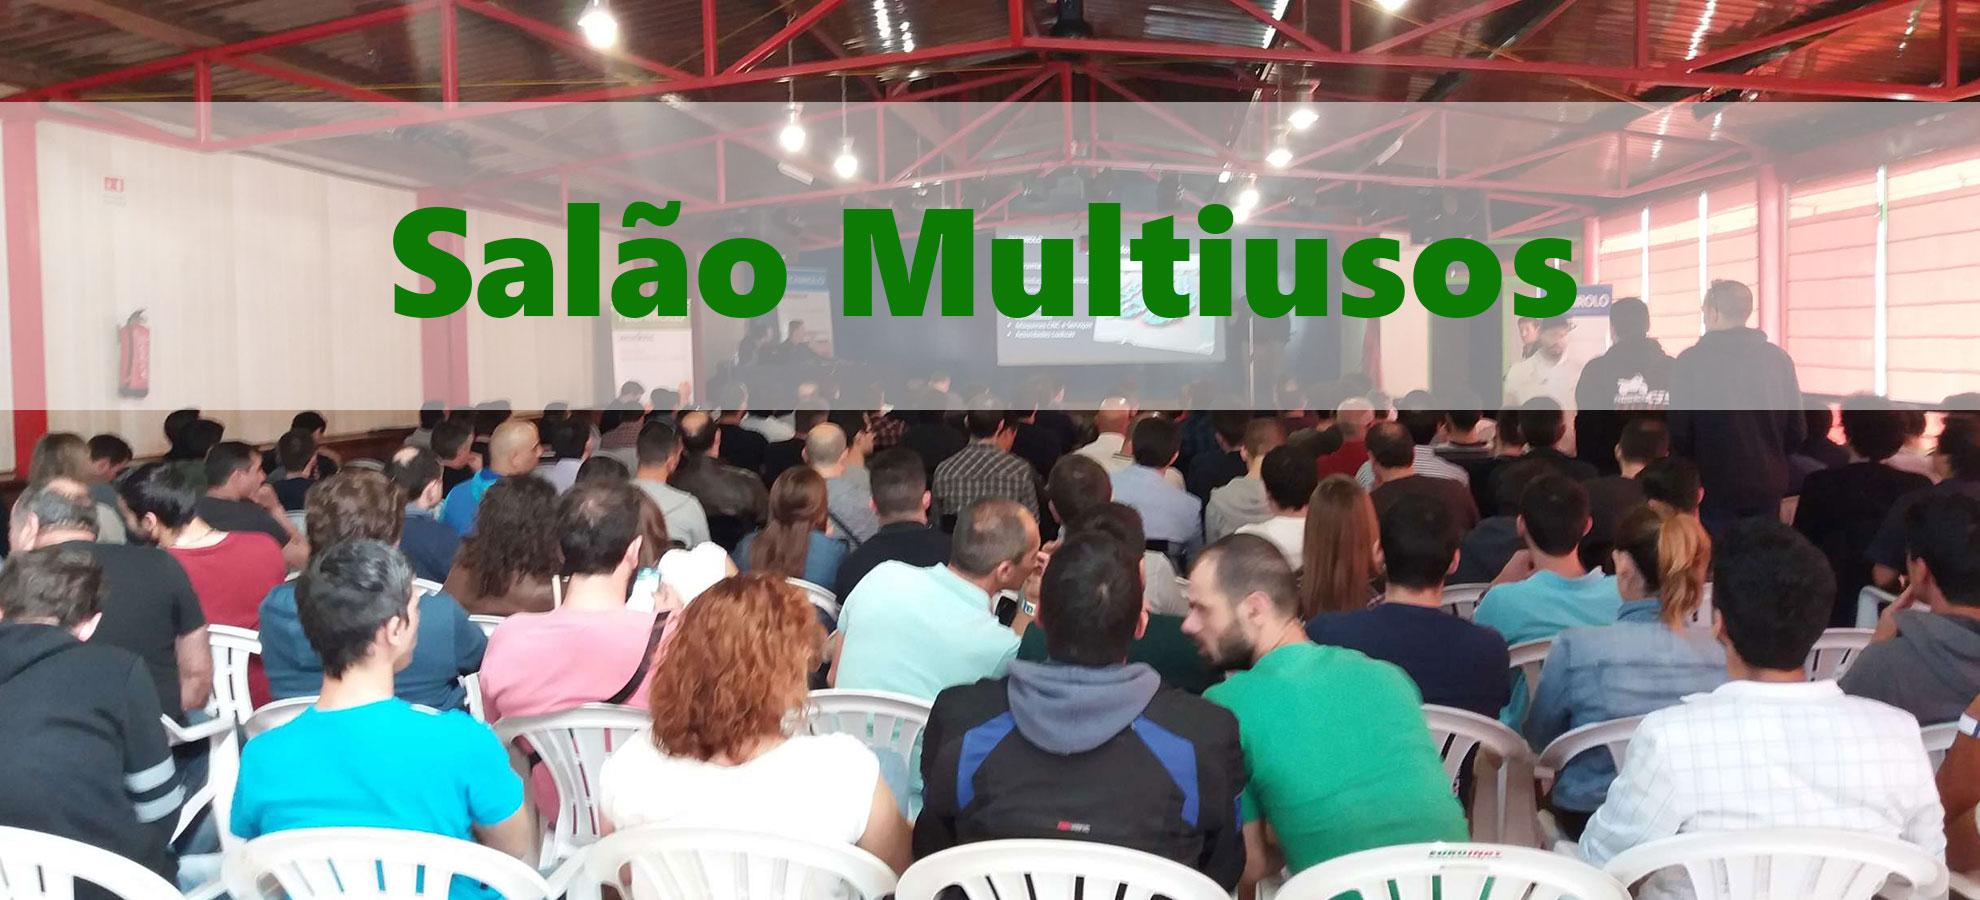 Salão multiuso Euroindy